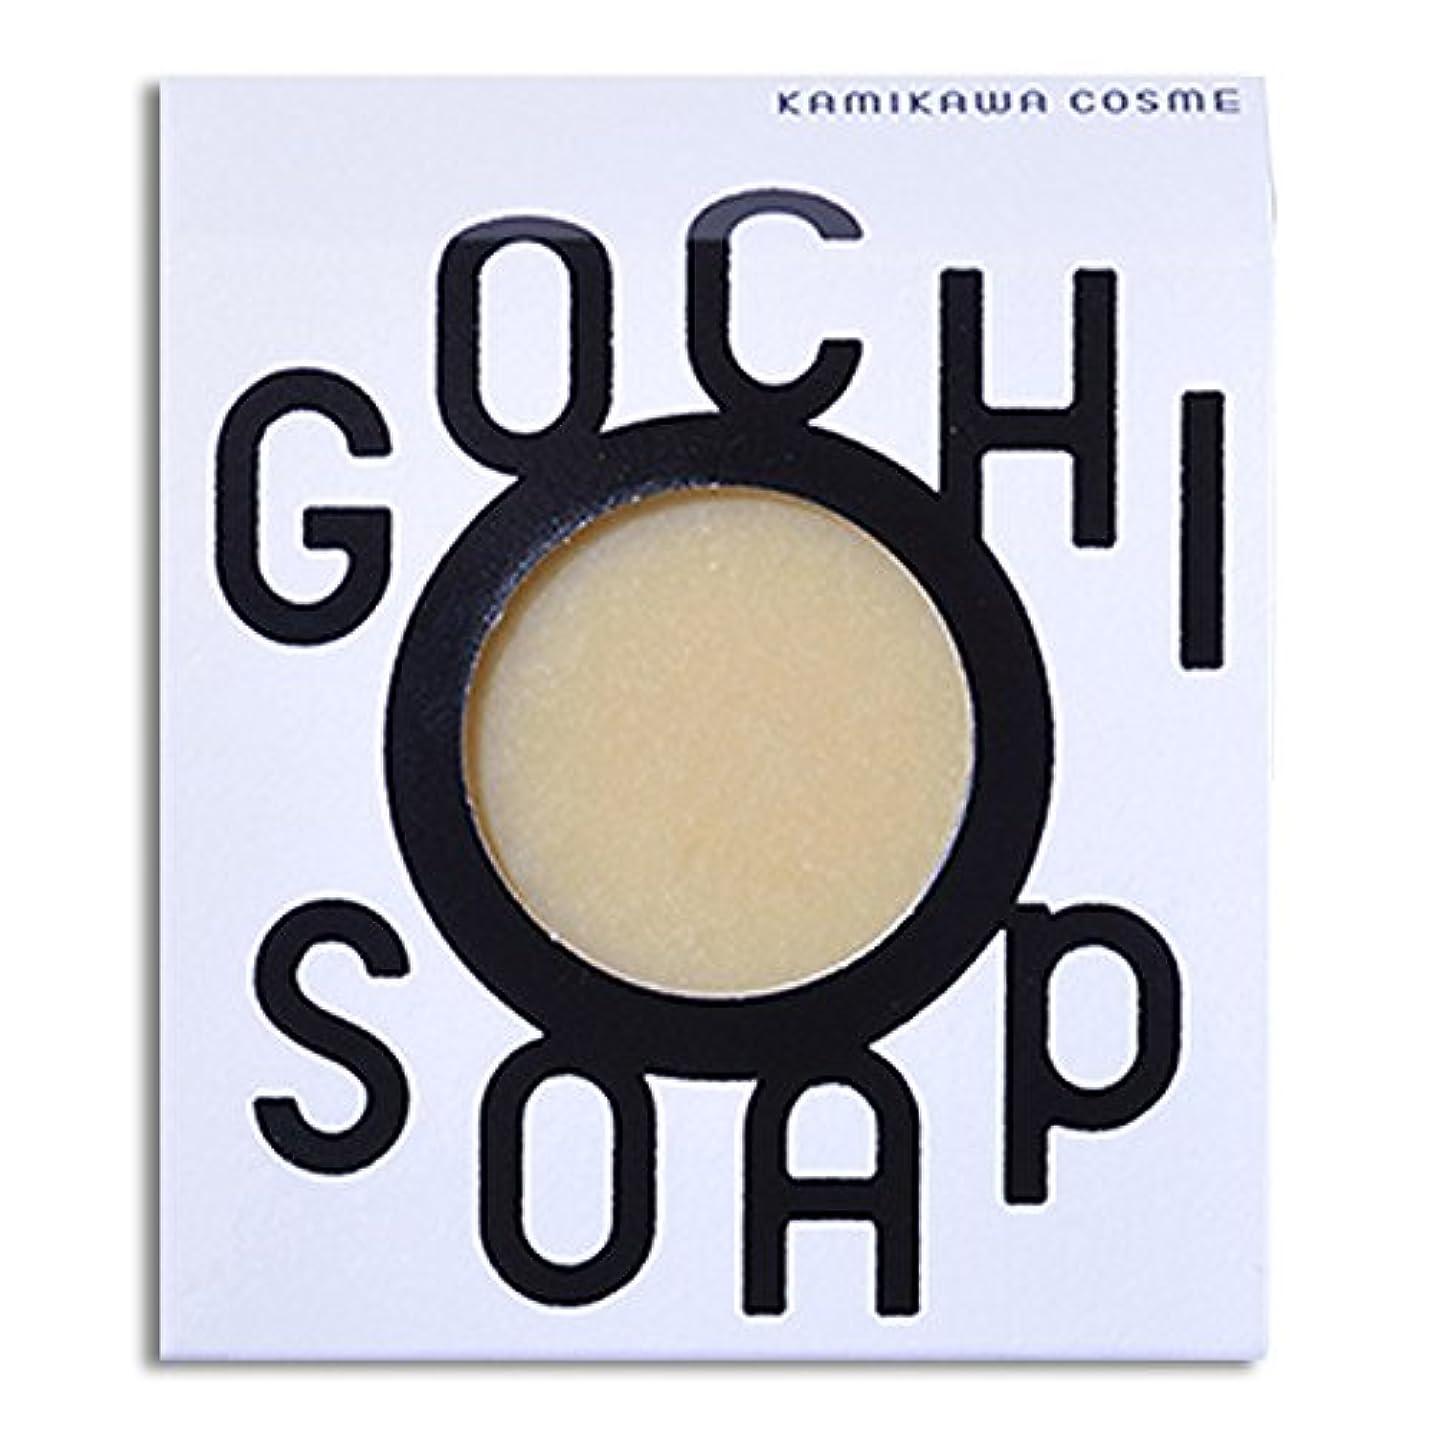 モールス信号困った憂鬱な道北の素材を使用したコスメブランド GOCHI SOAP(山路養蜂園の蜂蜜ソープ?ふじくらますも果樹園のりんごソープ)各1個セット